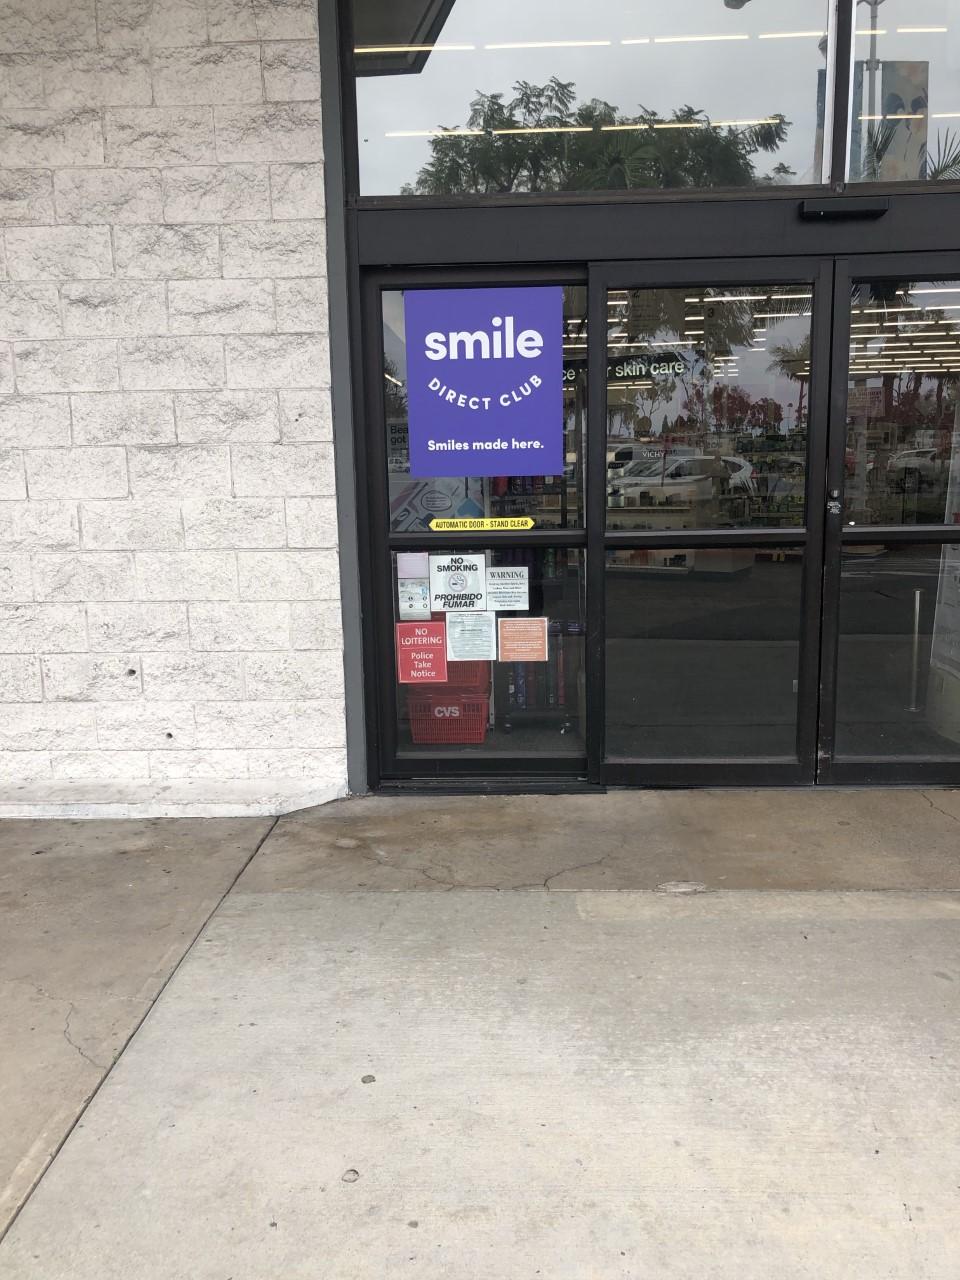 Smile Direct Club inside CVS image 3